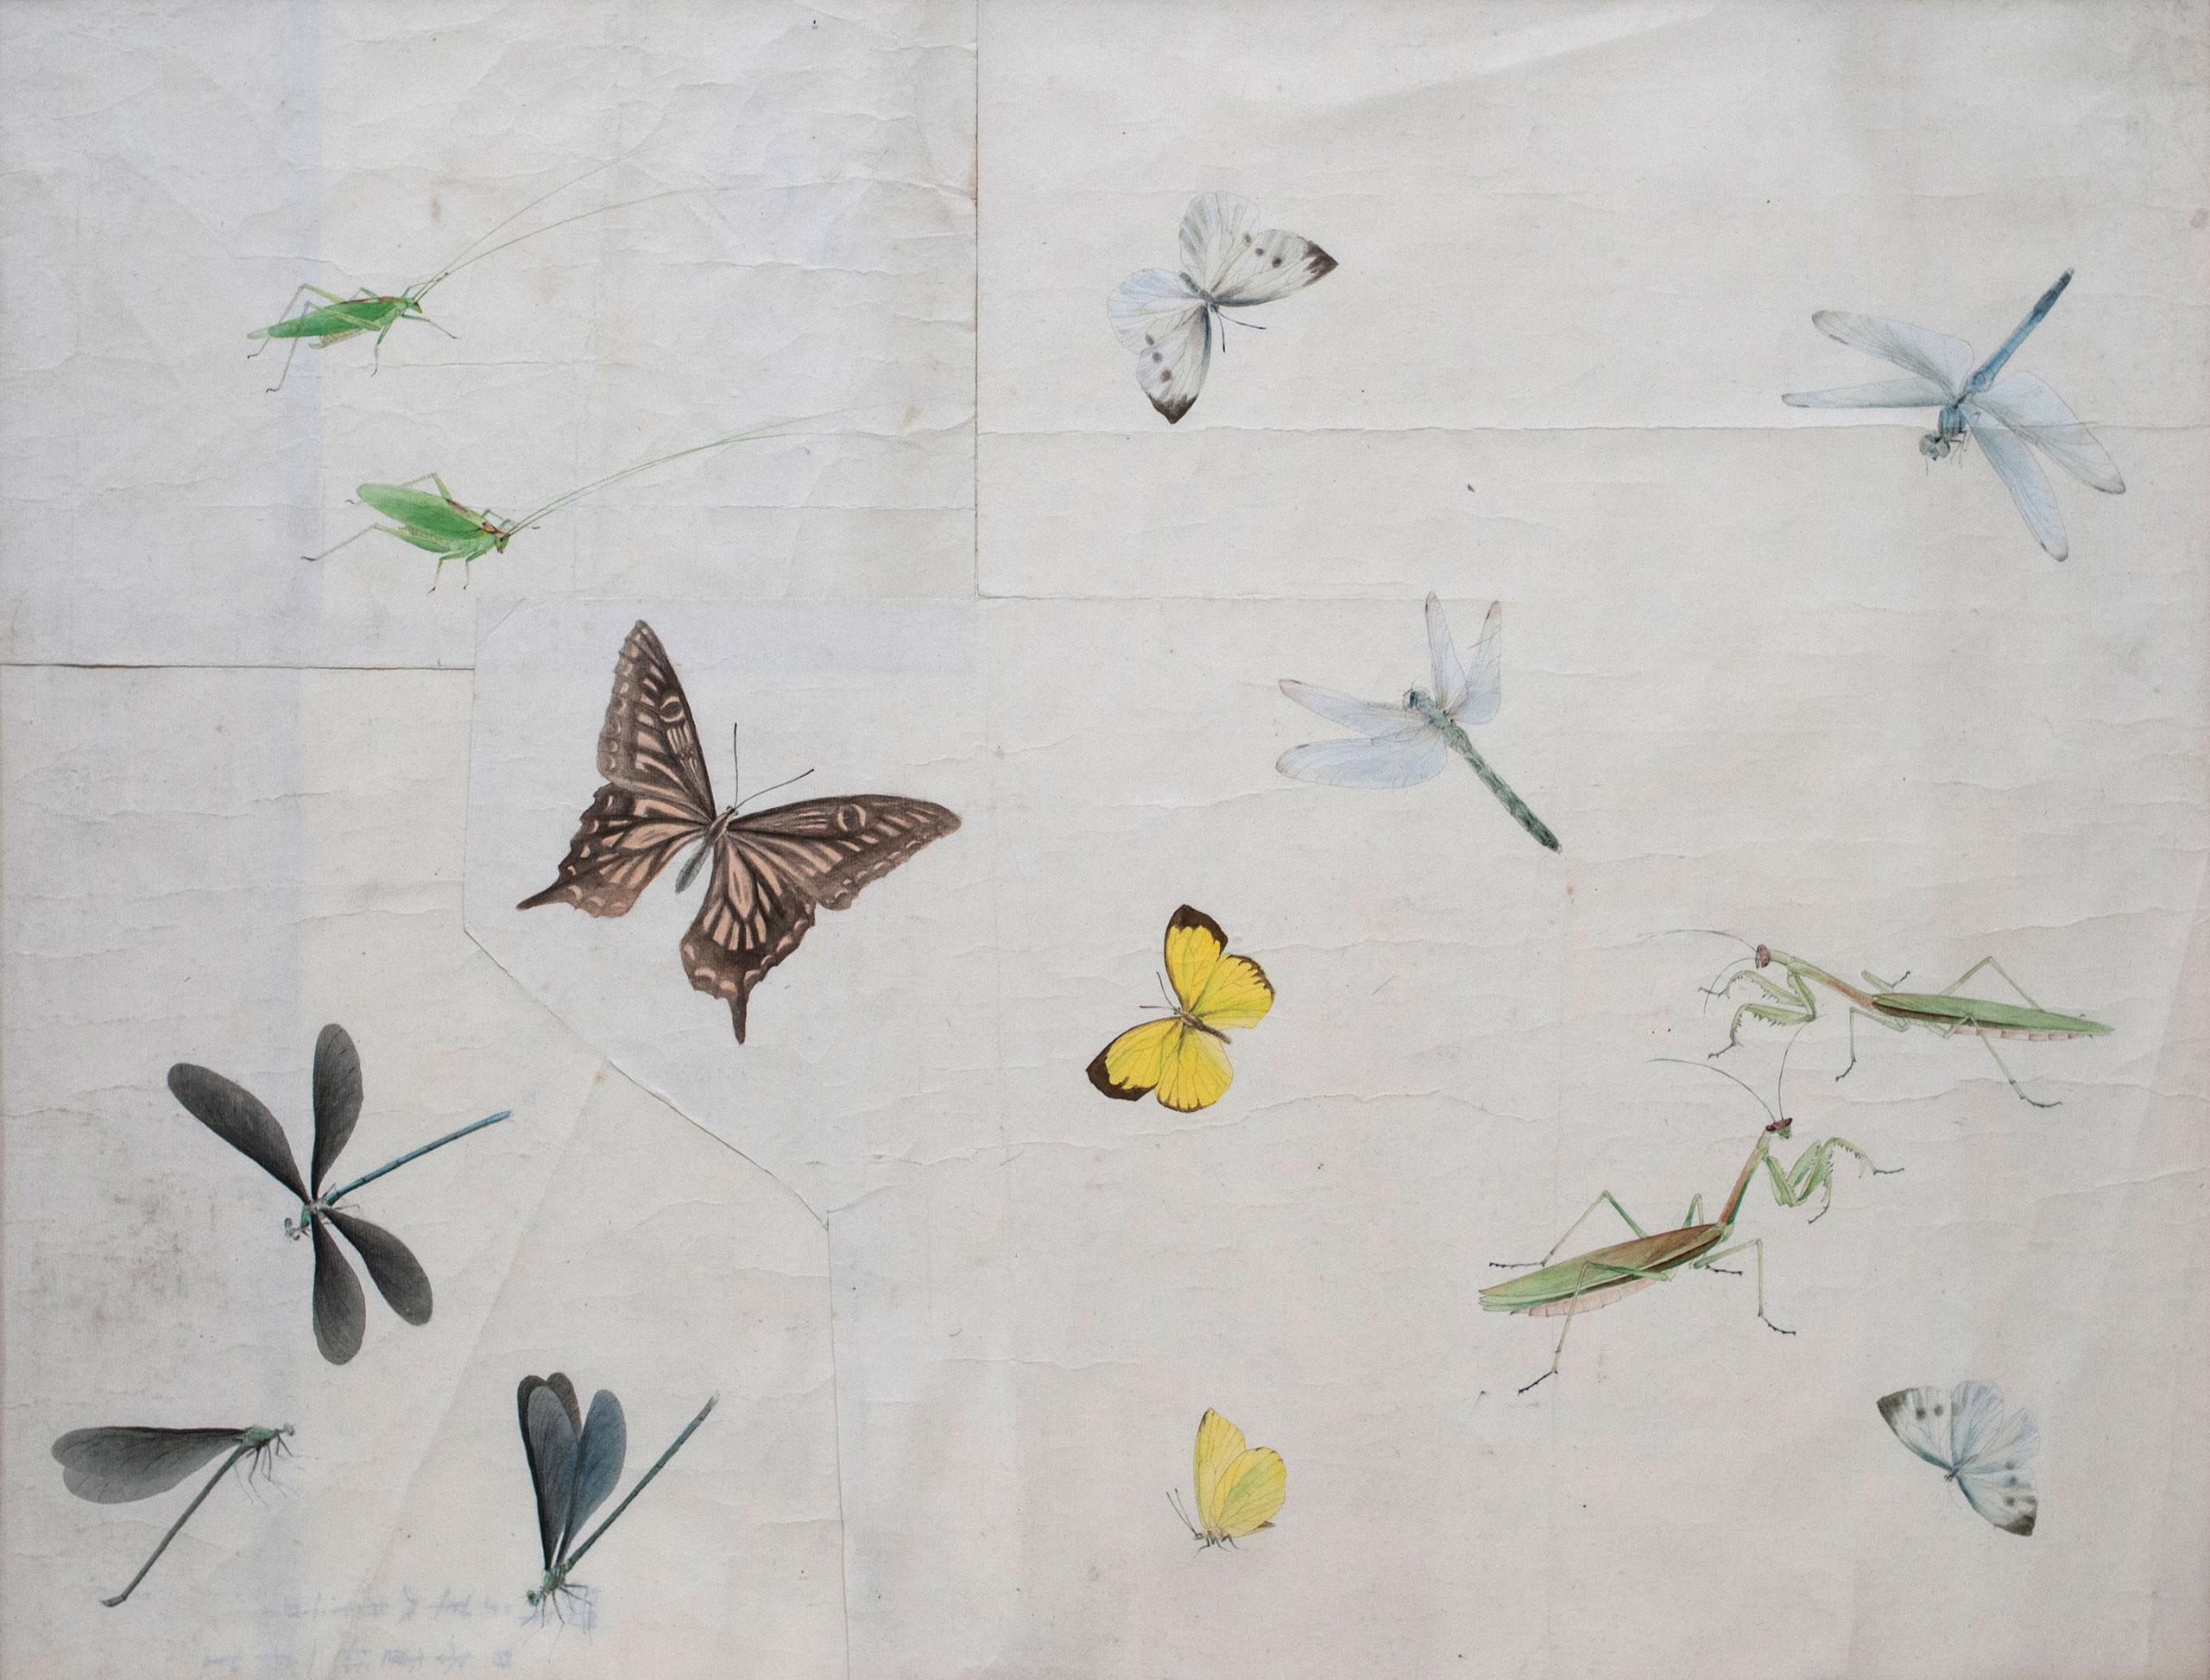 蟲圖* - Insects